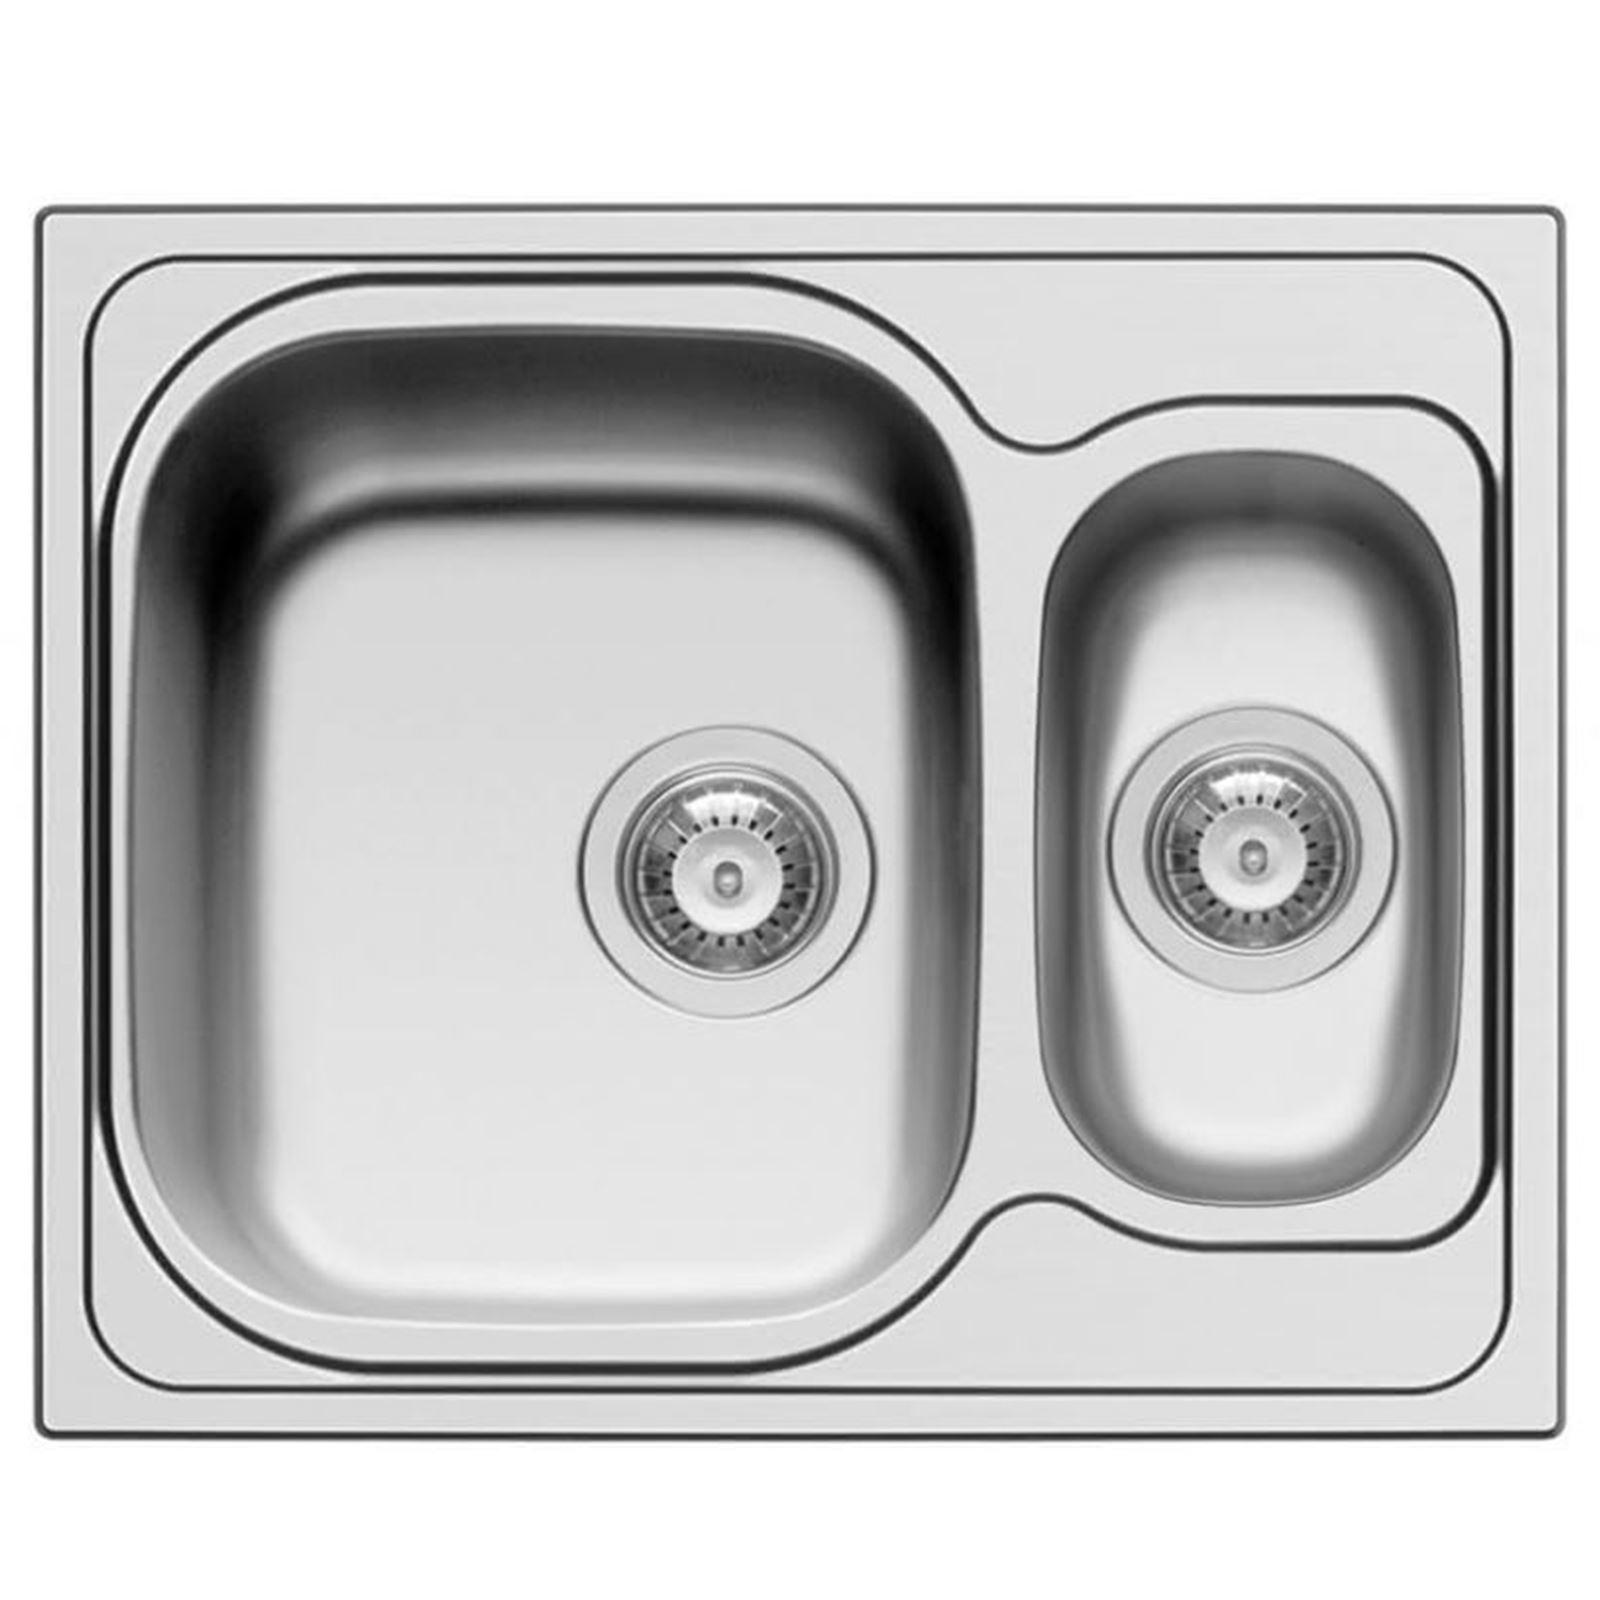 Fein Gusseisen Küchenspülen Ideen - Ideen Für Die Küche Dekoration ...